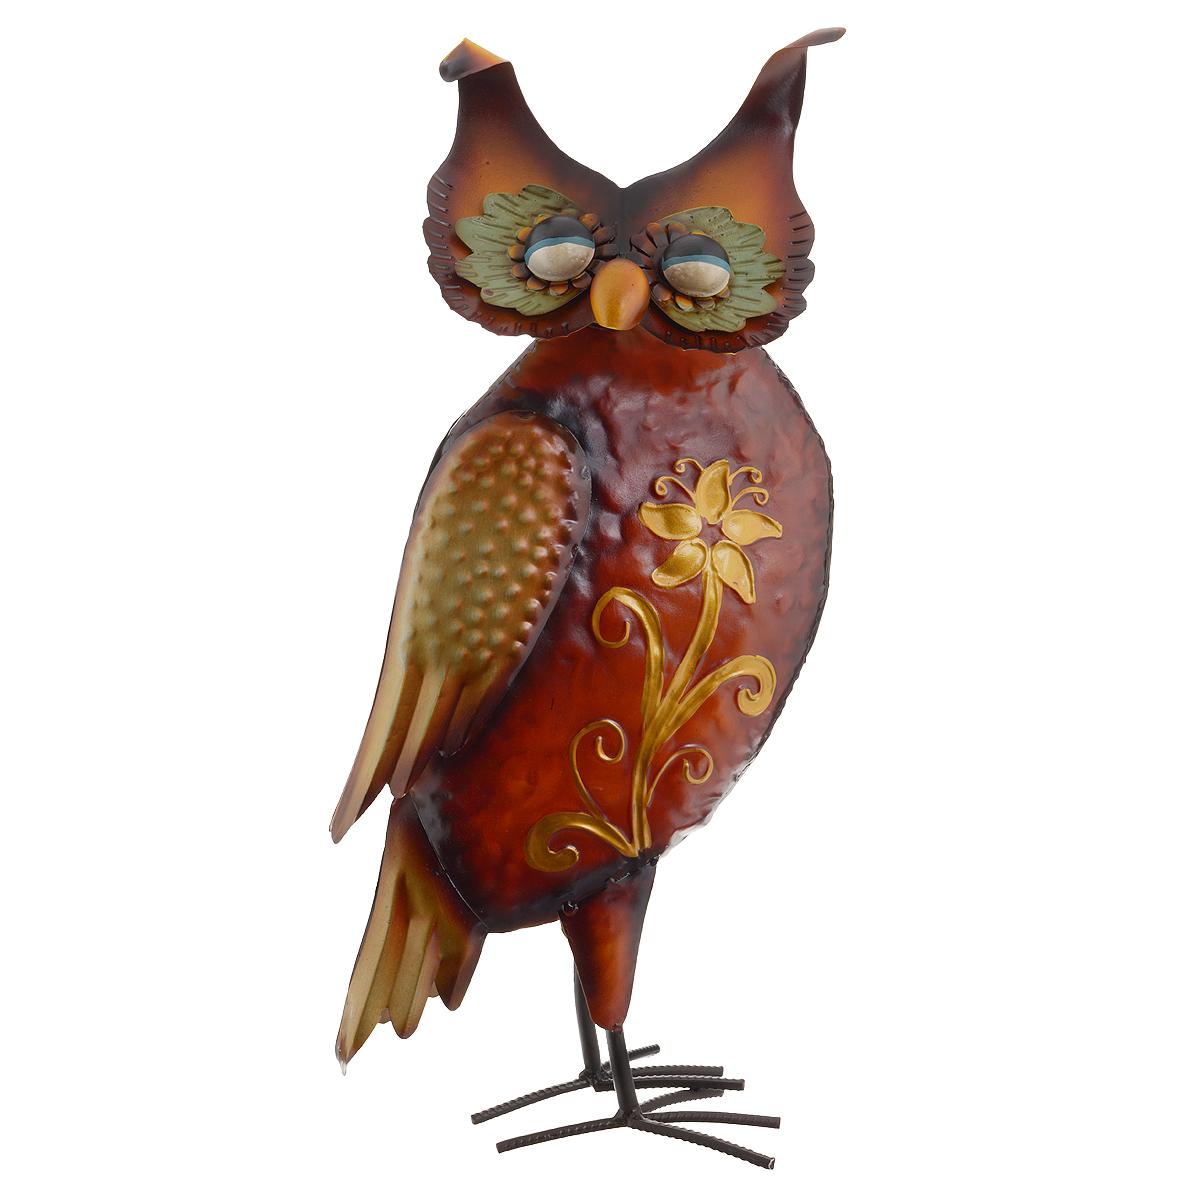 Фигура декоративная Molento Филин. 576-068Брелок для ключейДекоративная фигура Molento Филин, изготовленная из металла, позволит вам украсить интерьер дома, рабочего кабинета или любого другого помещения оригинальным образом. Изделие выполнено в виде филина, тело которого оформлено цветочным узором. Крылья птицы имеют рельефную поверхность. Голова филина подвижна благодаря пружине, на которой она крепится к телу. С такой декоративной фигурой вы сможете не просто внести в интерьер элемент оригинальности, но и создать атмосферу загадочности и изысканности.